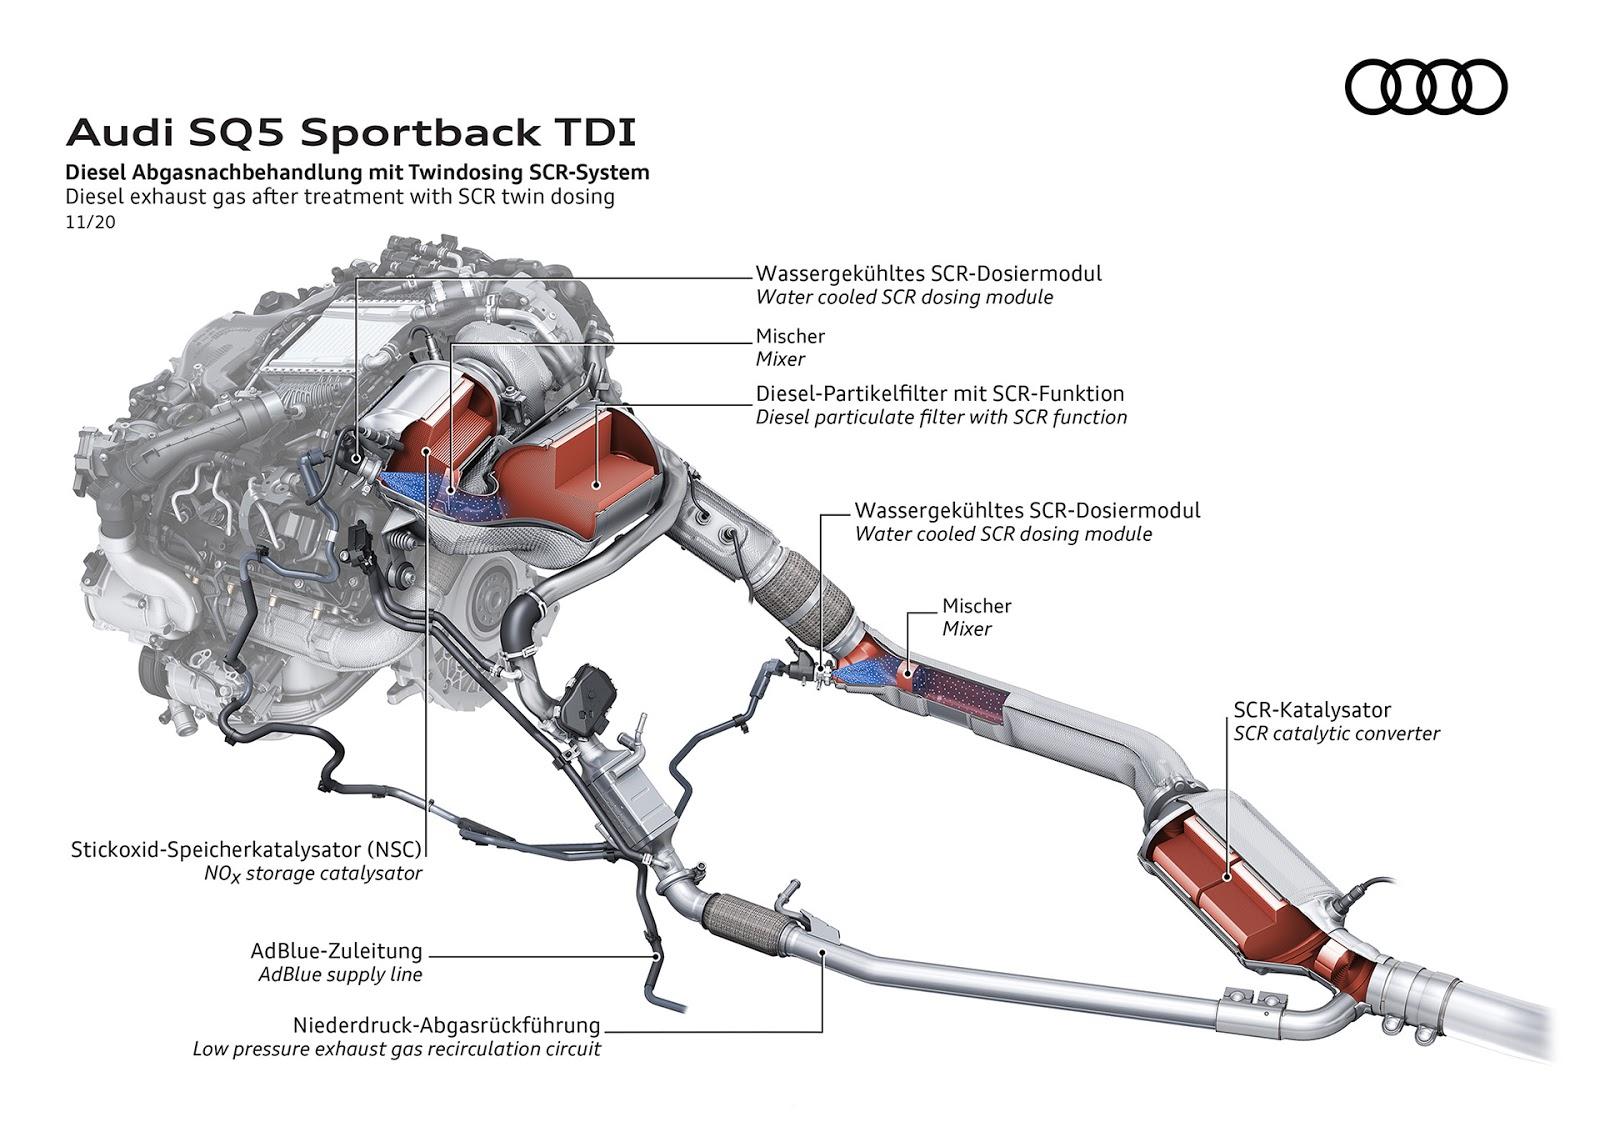 AUDI2BSQ52BSPORTBACK2BTDI 10 Audi SQ5 Sportback TDI: η σπορ έκδοση στην κορυφή της γκάμας του μοντέλου Audi, Audi SQ5, SQ5, ειδήσεις, καινούργιο, καινούρια, καινούριο